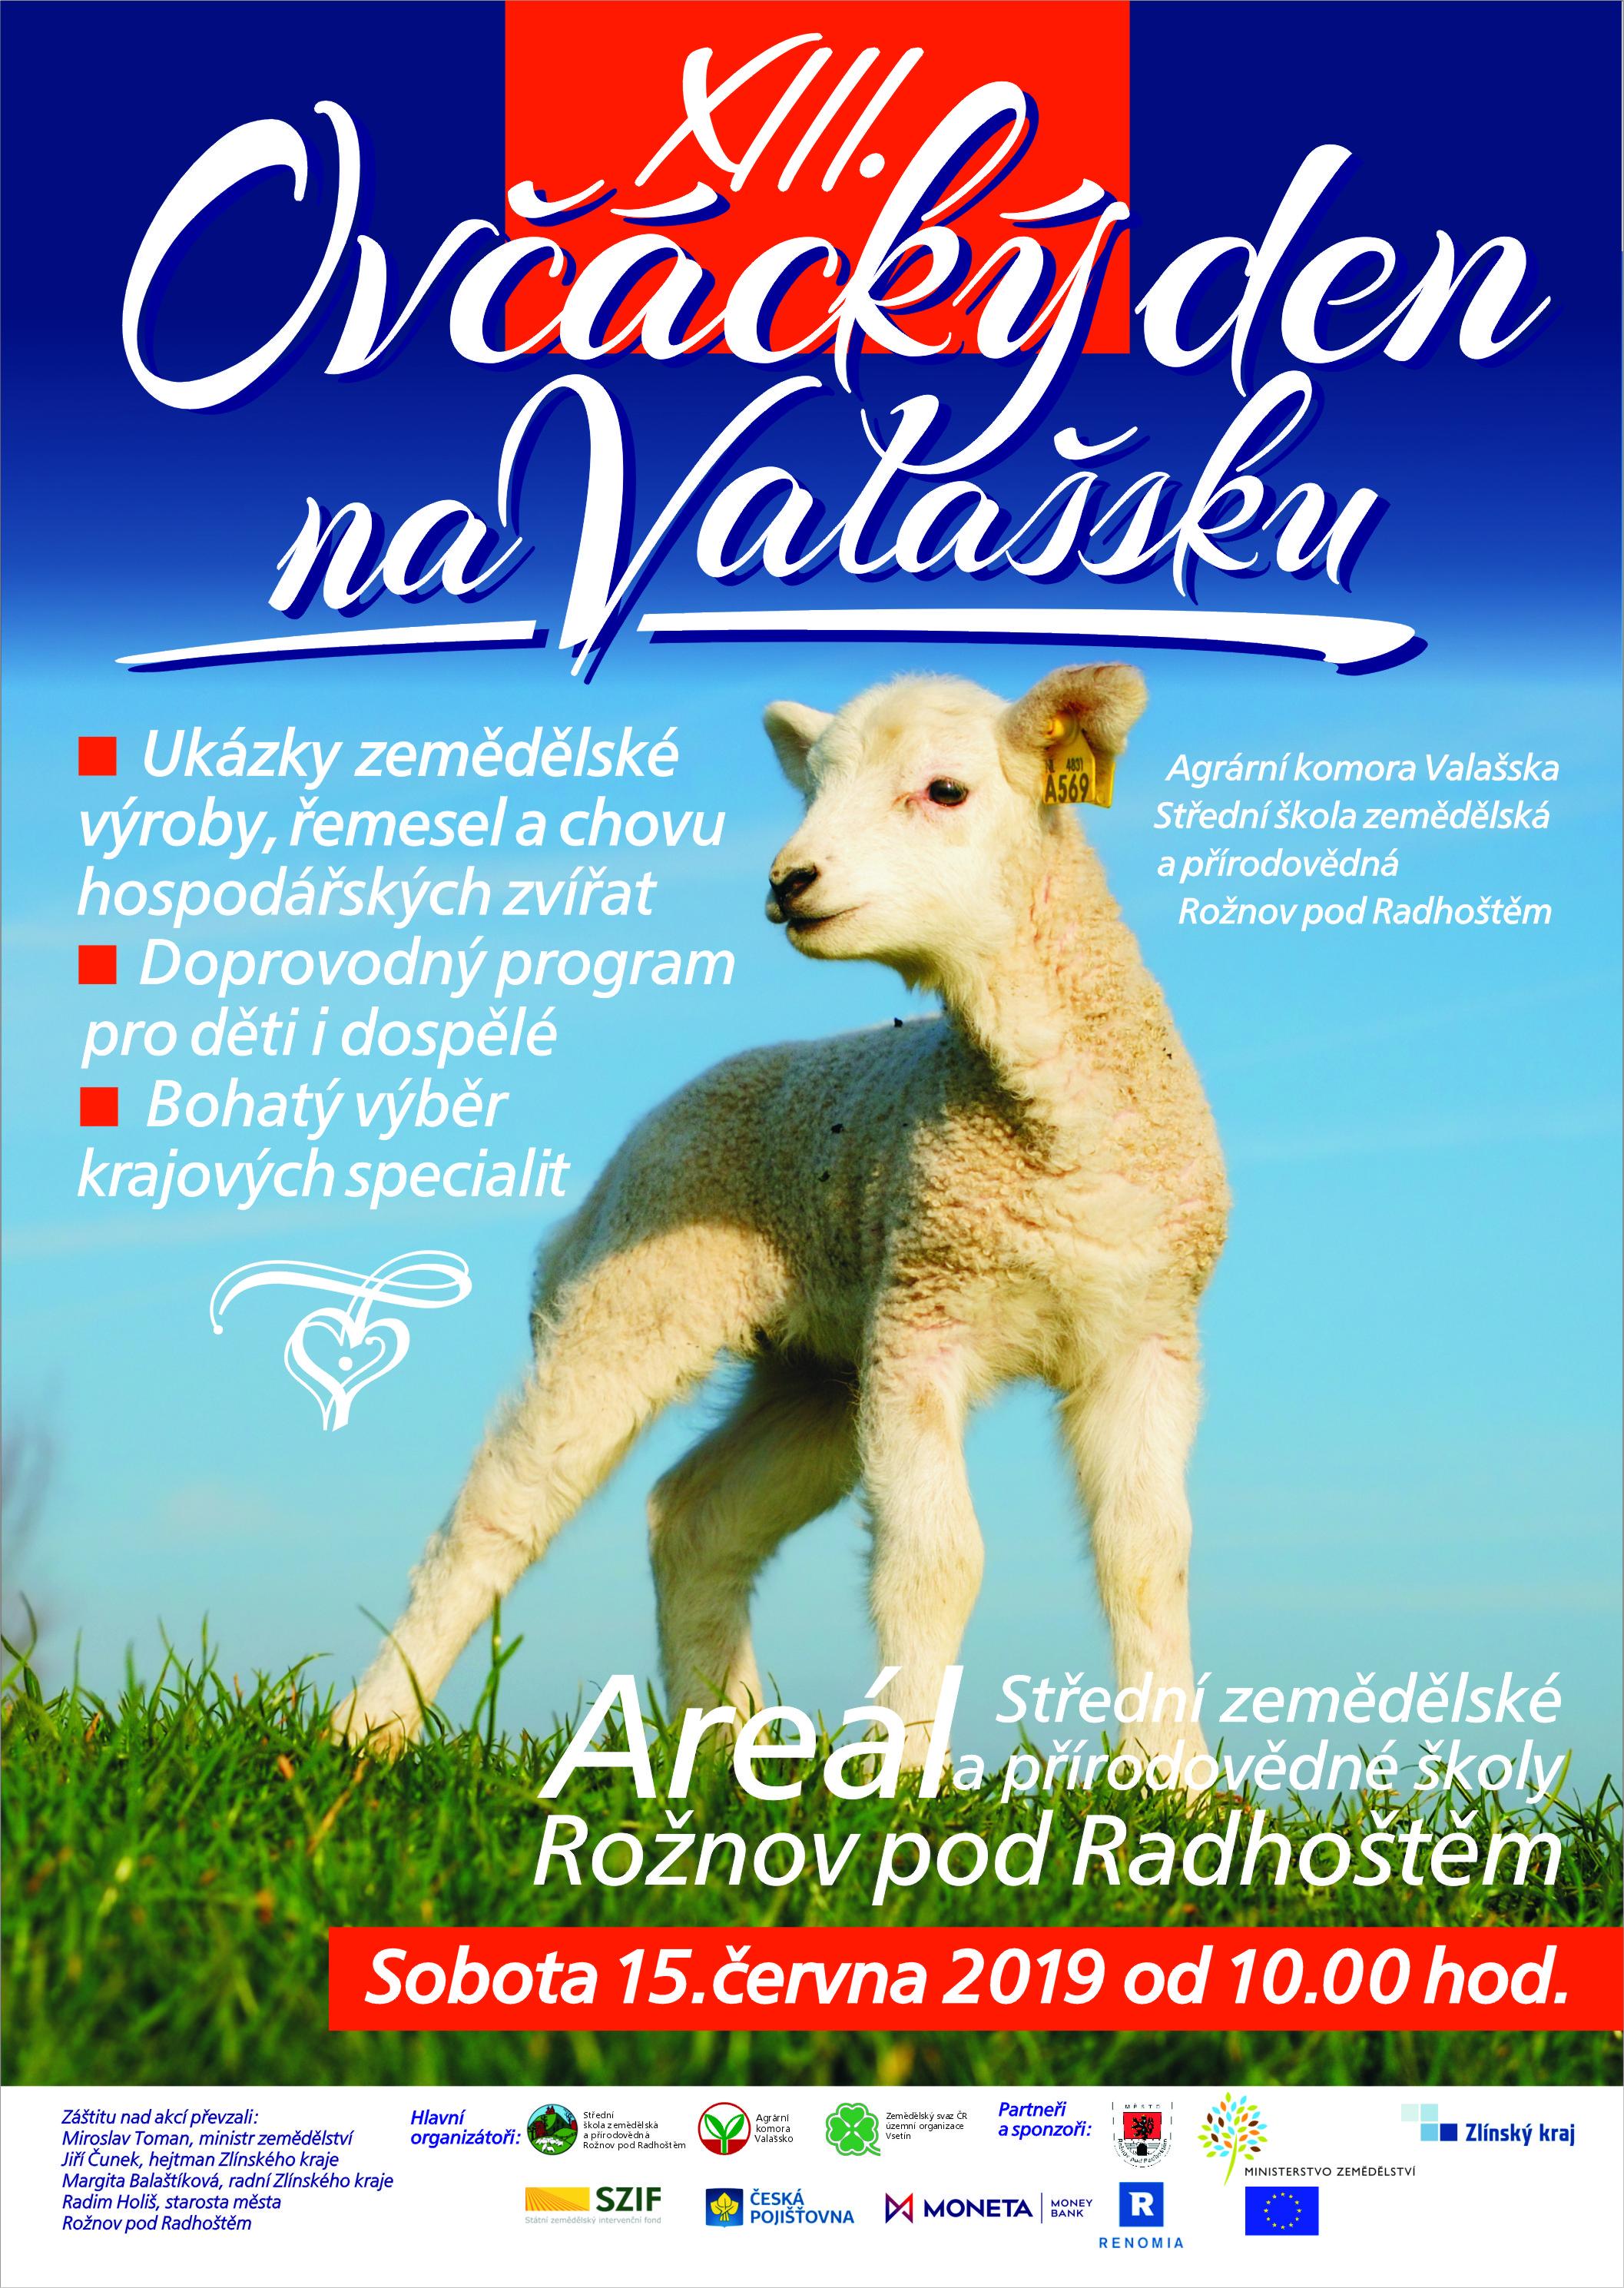 POZVÁNKA NA OVČÁCKÝ DEN NA VALAŠSKU - 15.6.2019